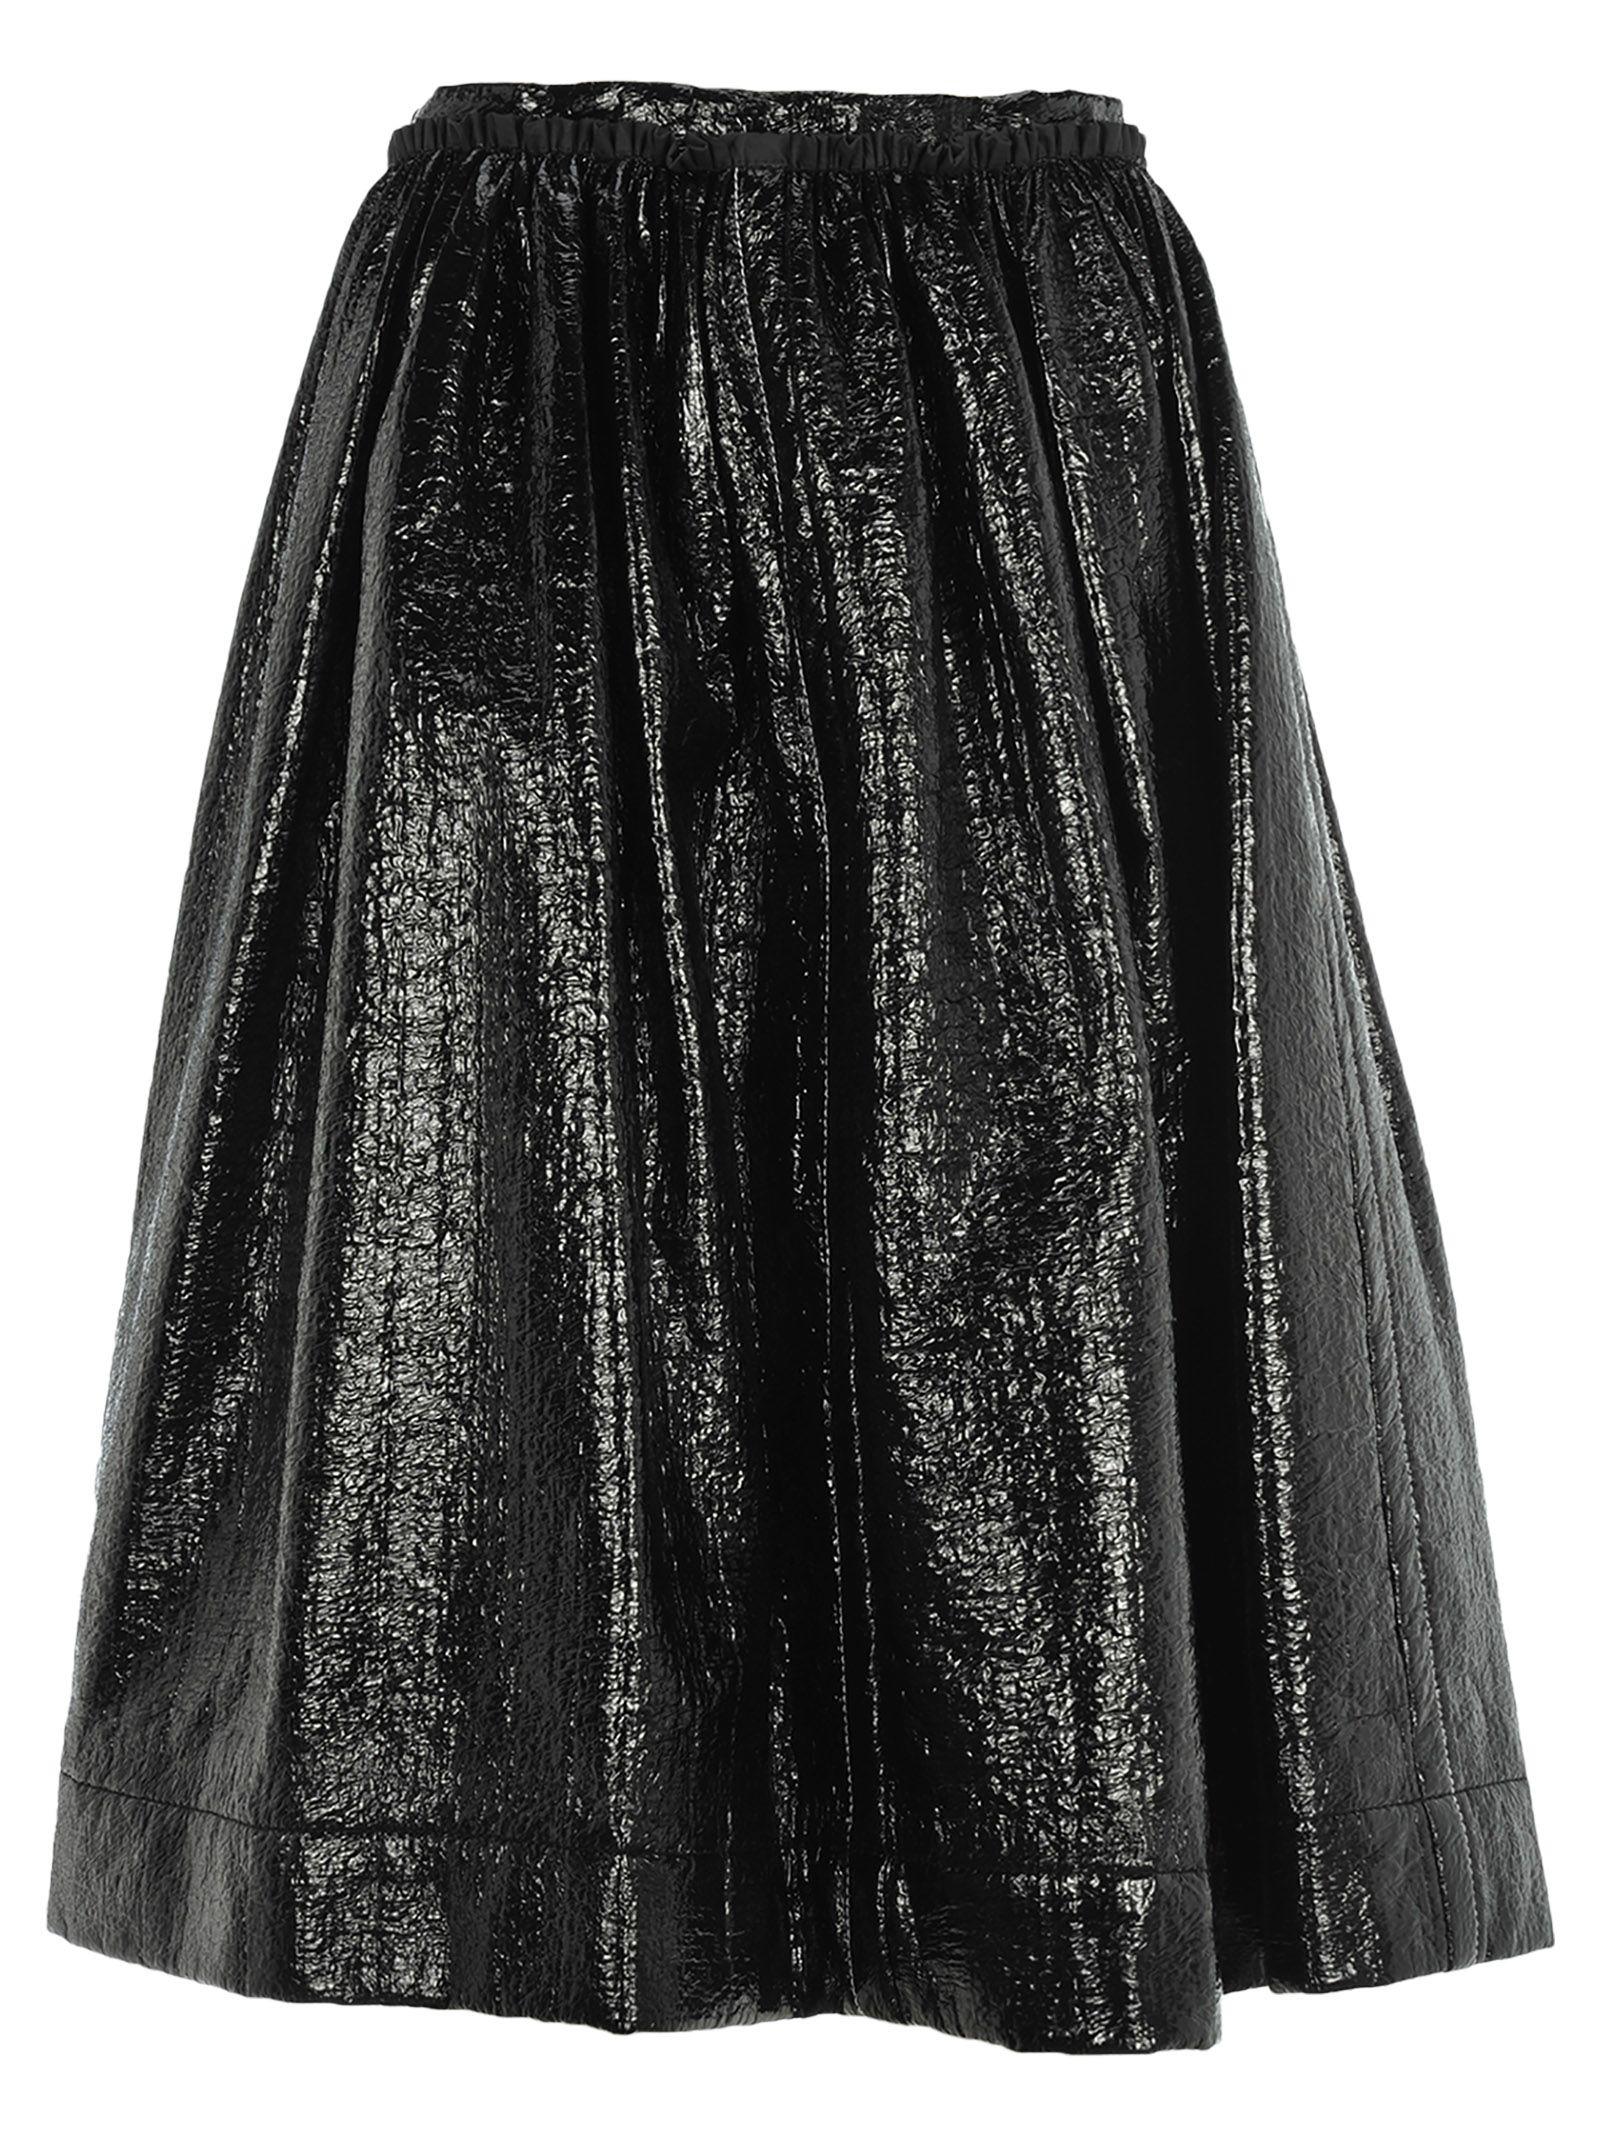 055c0b3bf4 Marni Marni Pleated Skirt - BLACK - 10970061 | italist